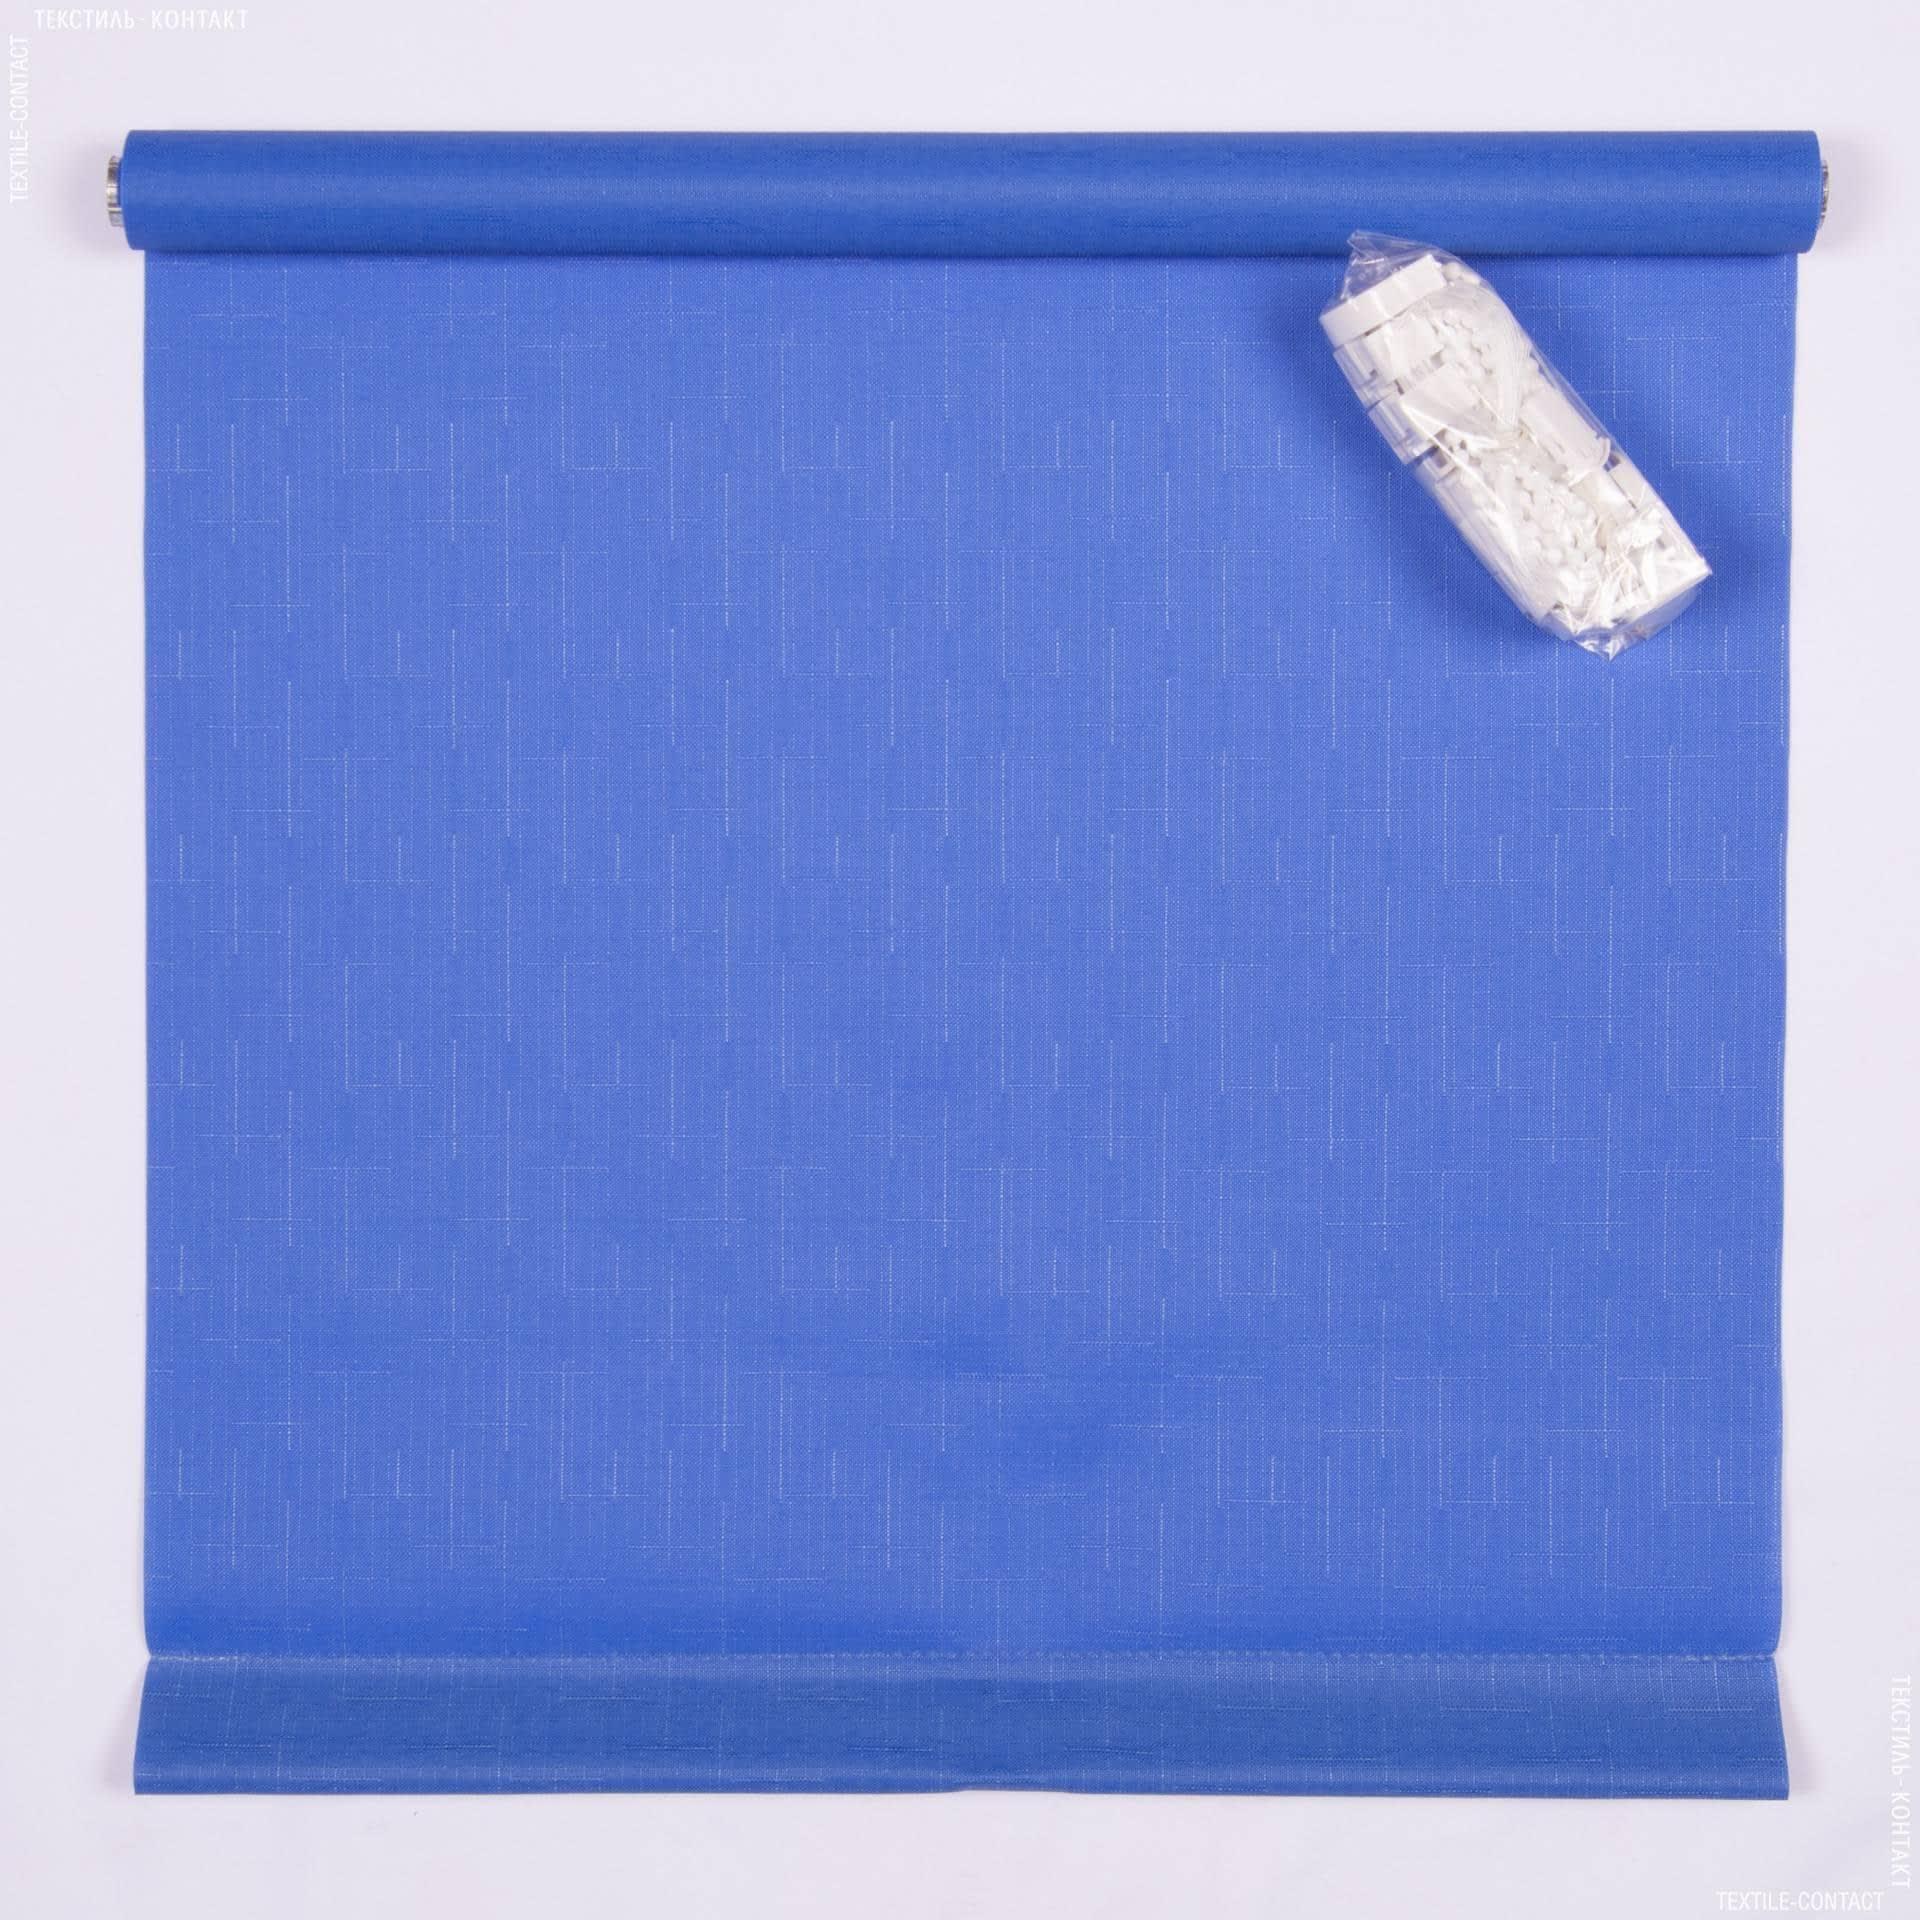 Тканини ролети - Роллет міні фактурний синій 72.5х150